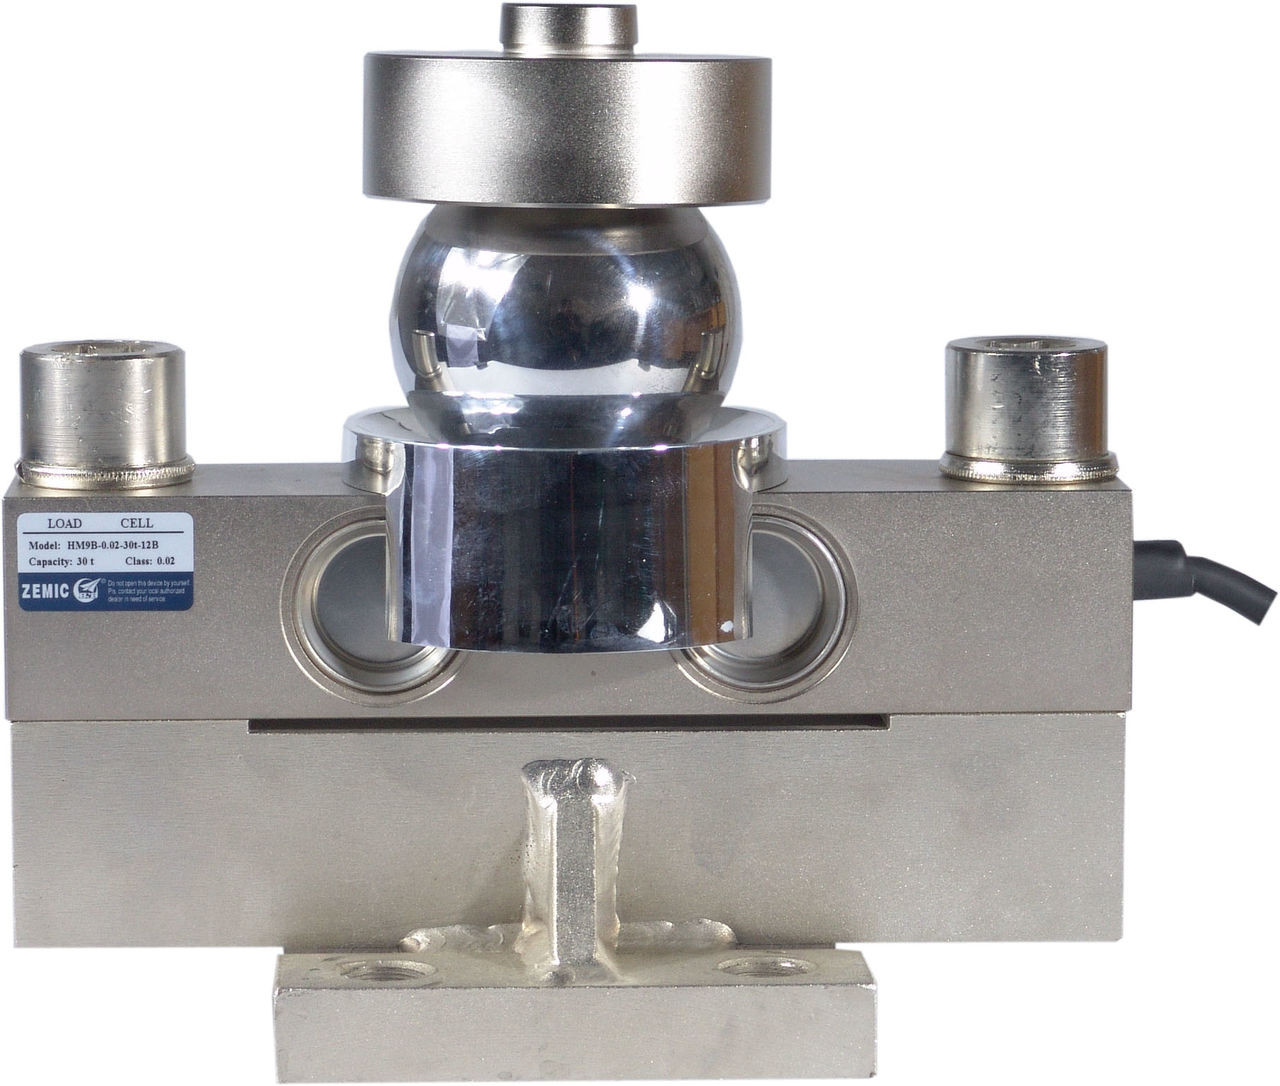 Тензометрический датчик Zemic НМ9В-С3-20t-16В - Компания УкрВесы [Ukrvesi] в Днепре